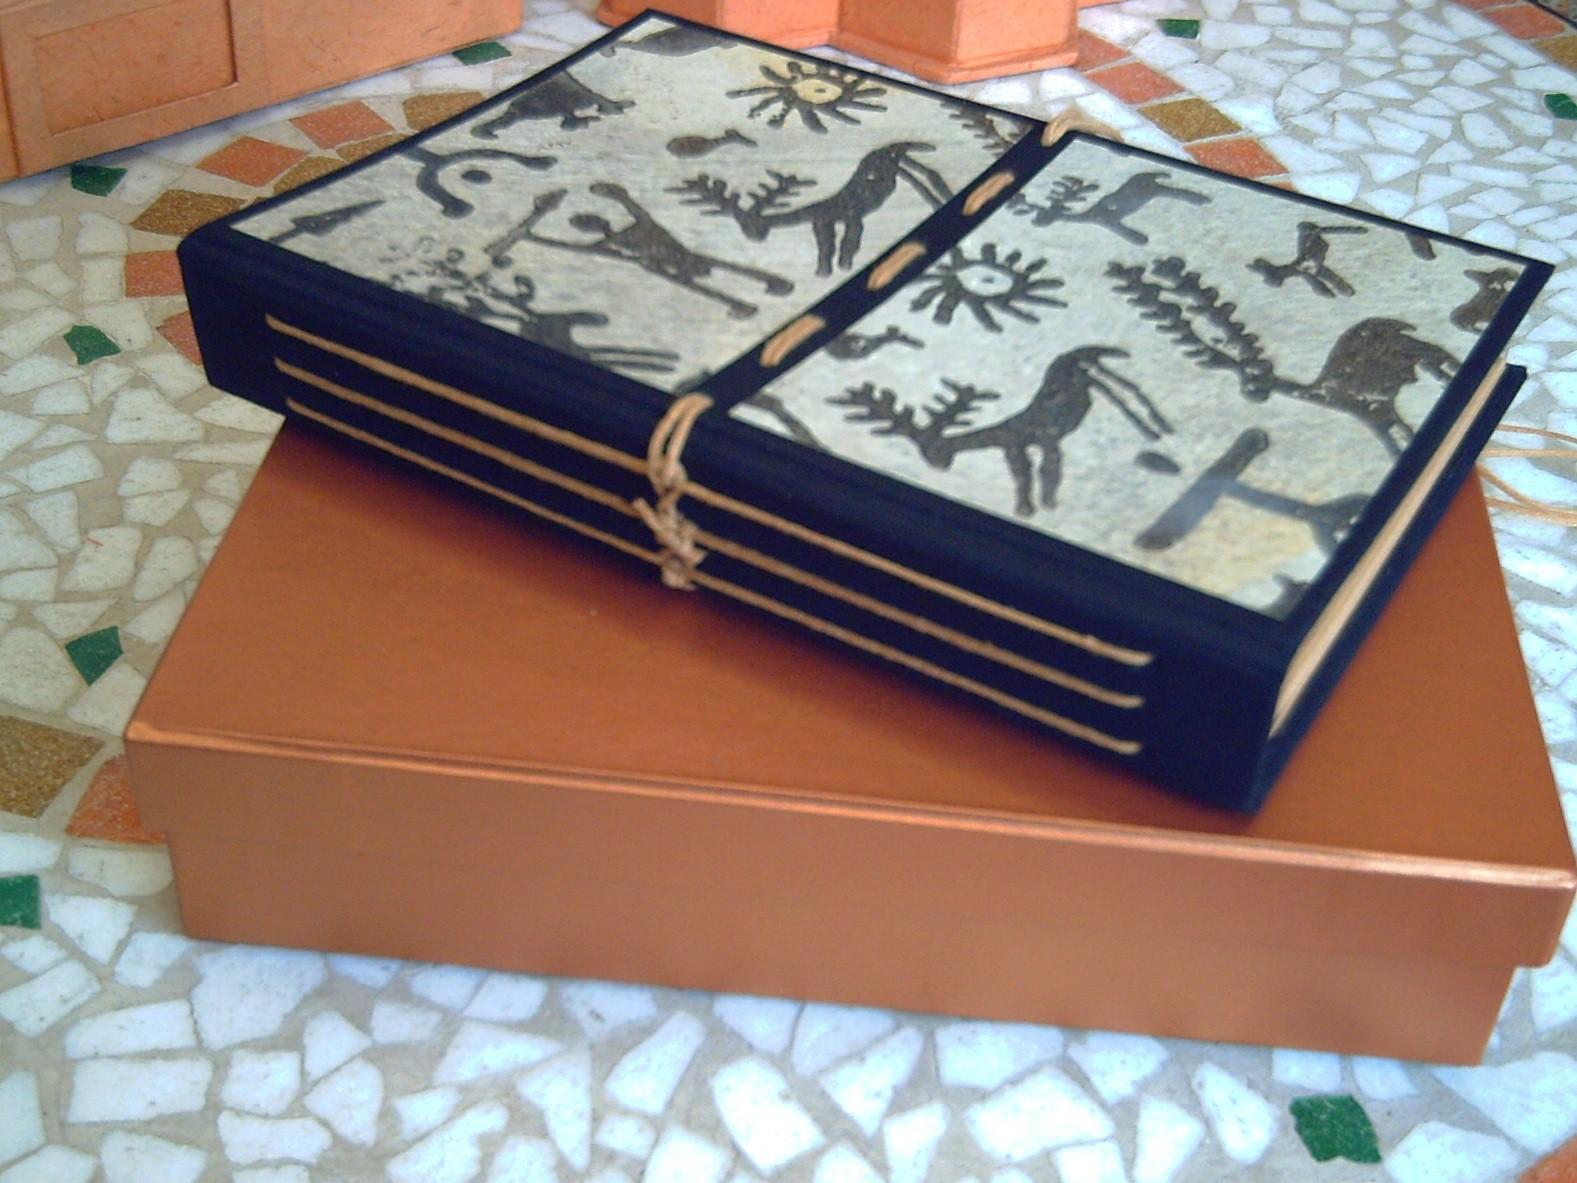 Quaderno in carta riciclata con cucitura a vista sul dorso e copertina in tela e carta stampata a mano